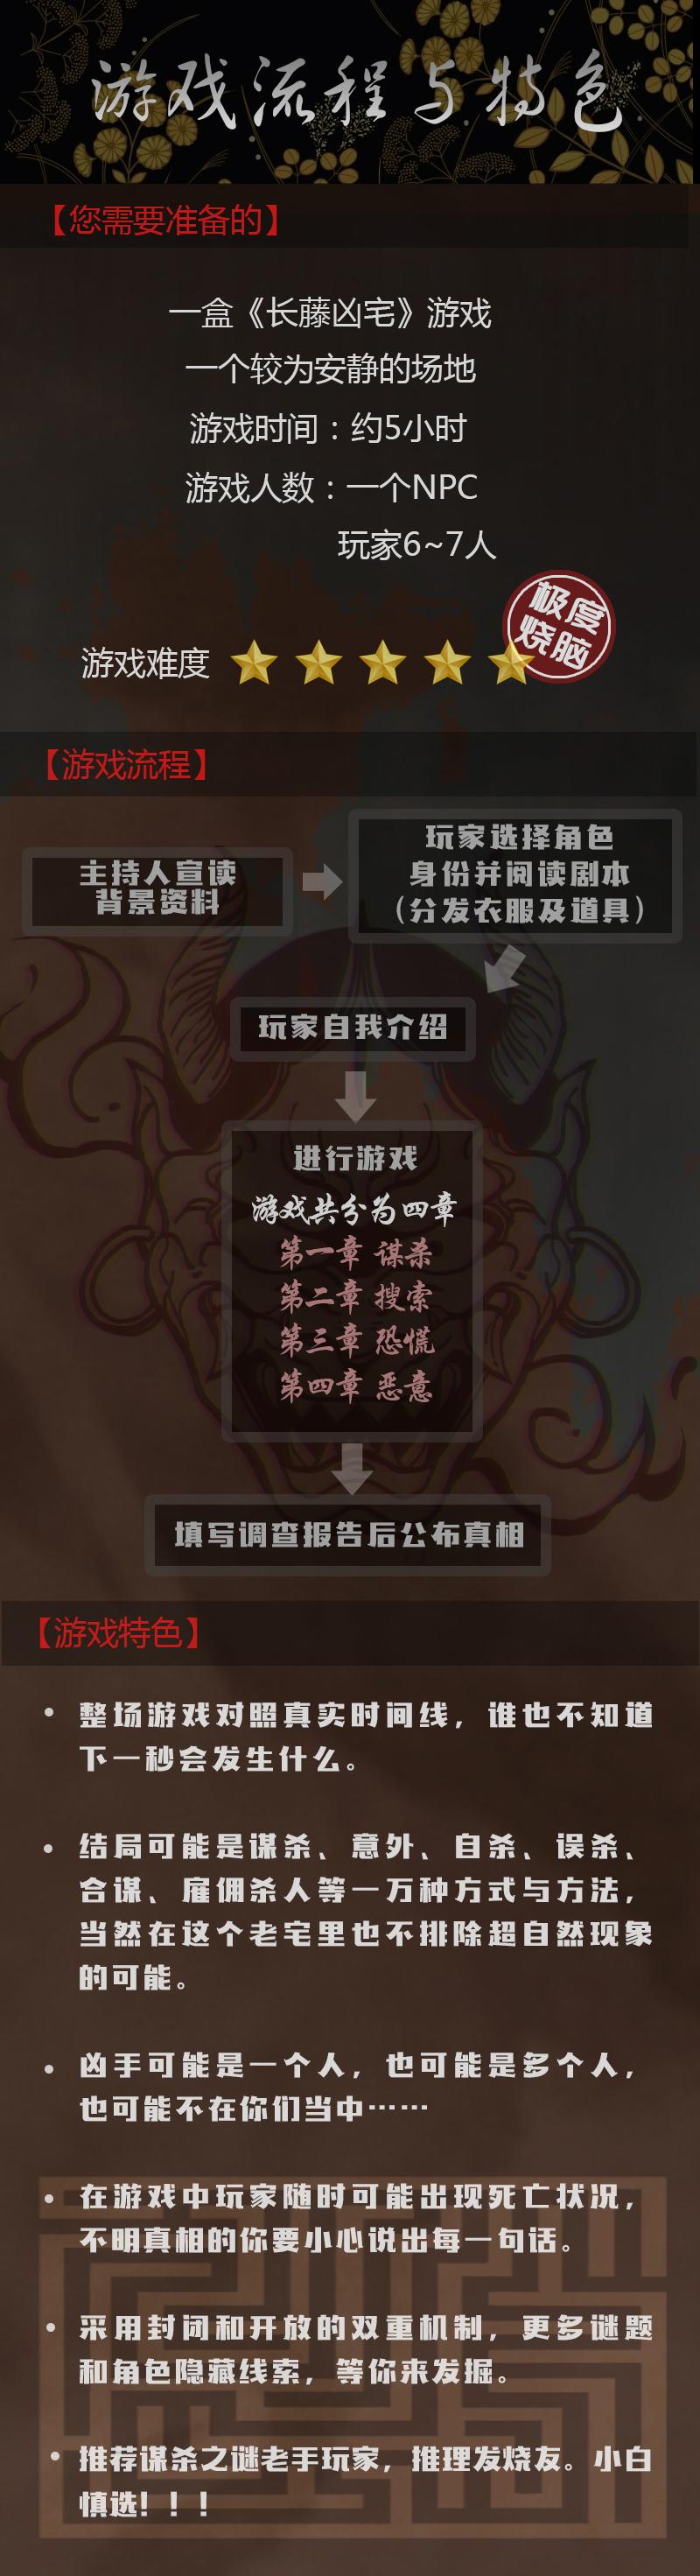 4-游戏流程 拷贝.jpg